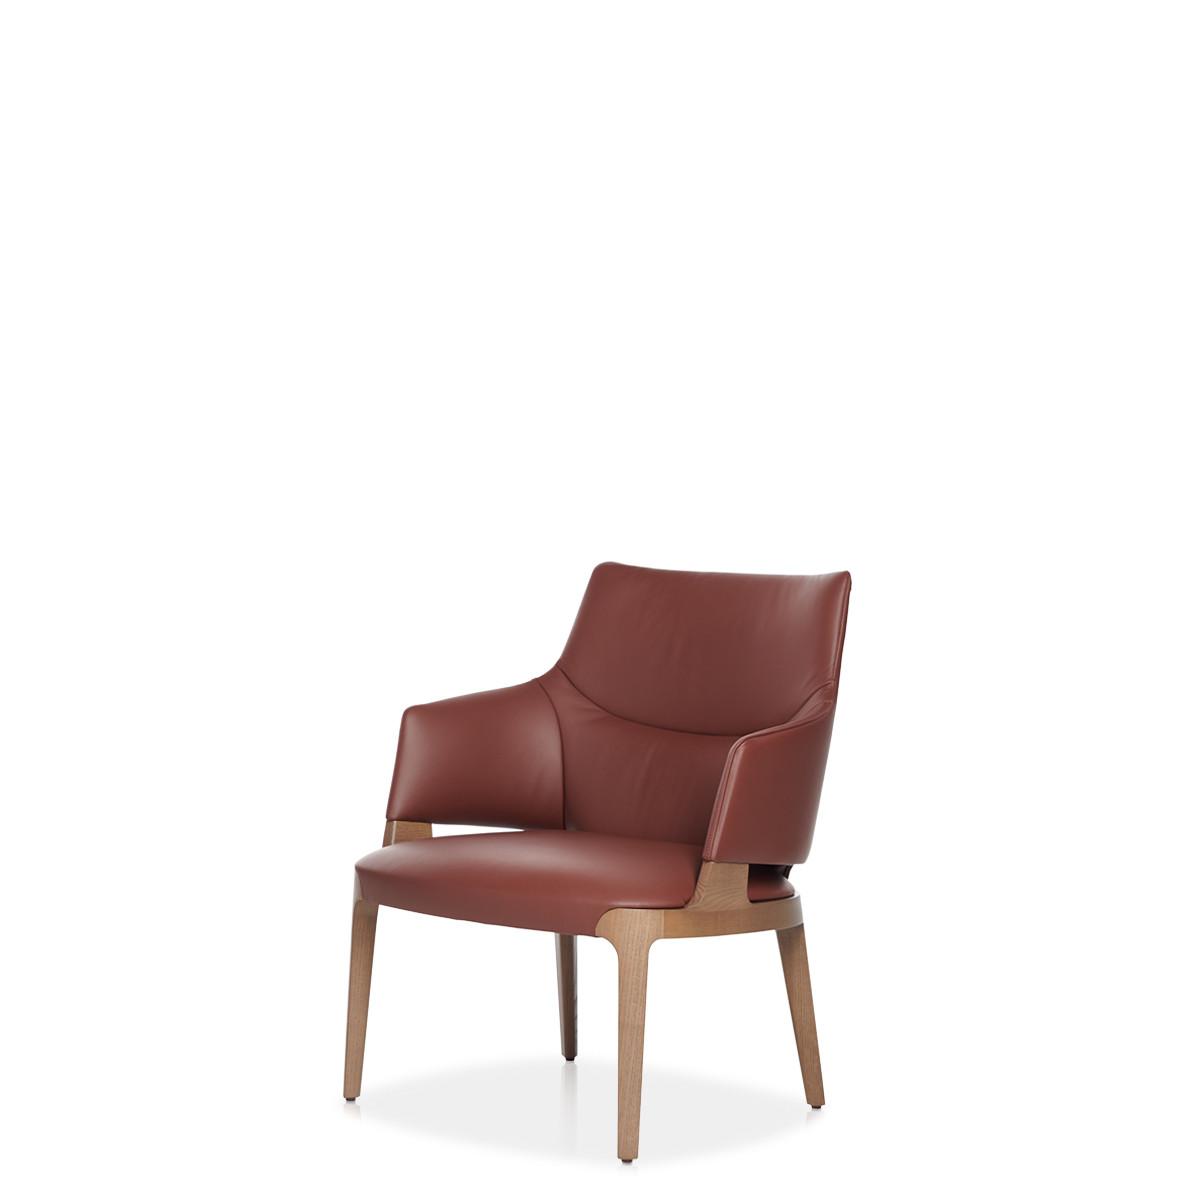 Entdecken Sie bei Conzept Beckord besondere Designmöbel! Hier finden Sie Potocco Sofas und Sessel: Velis rot